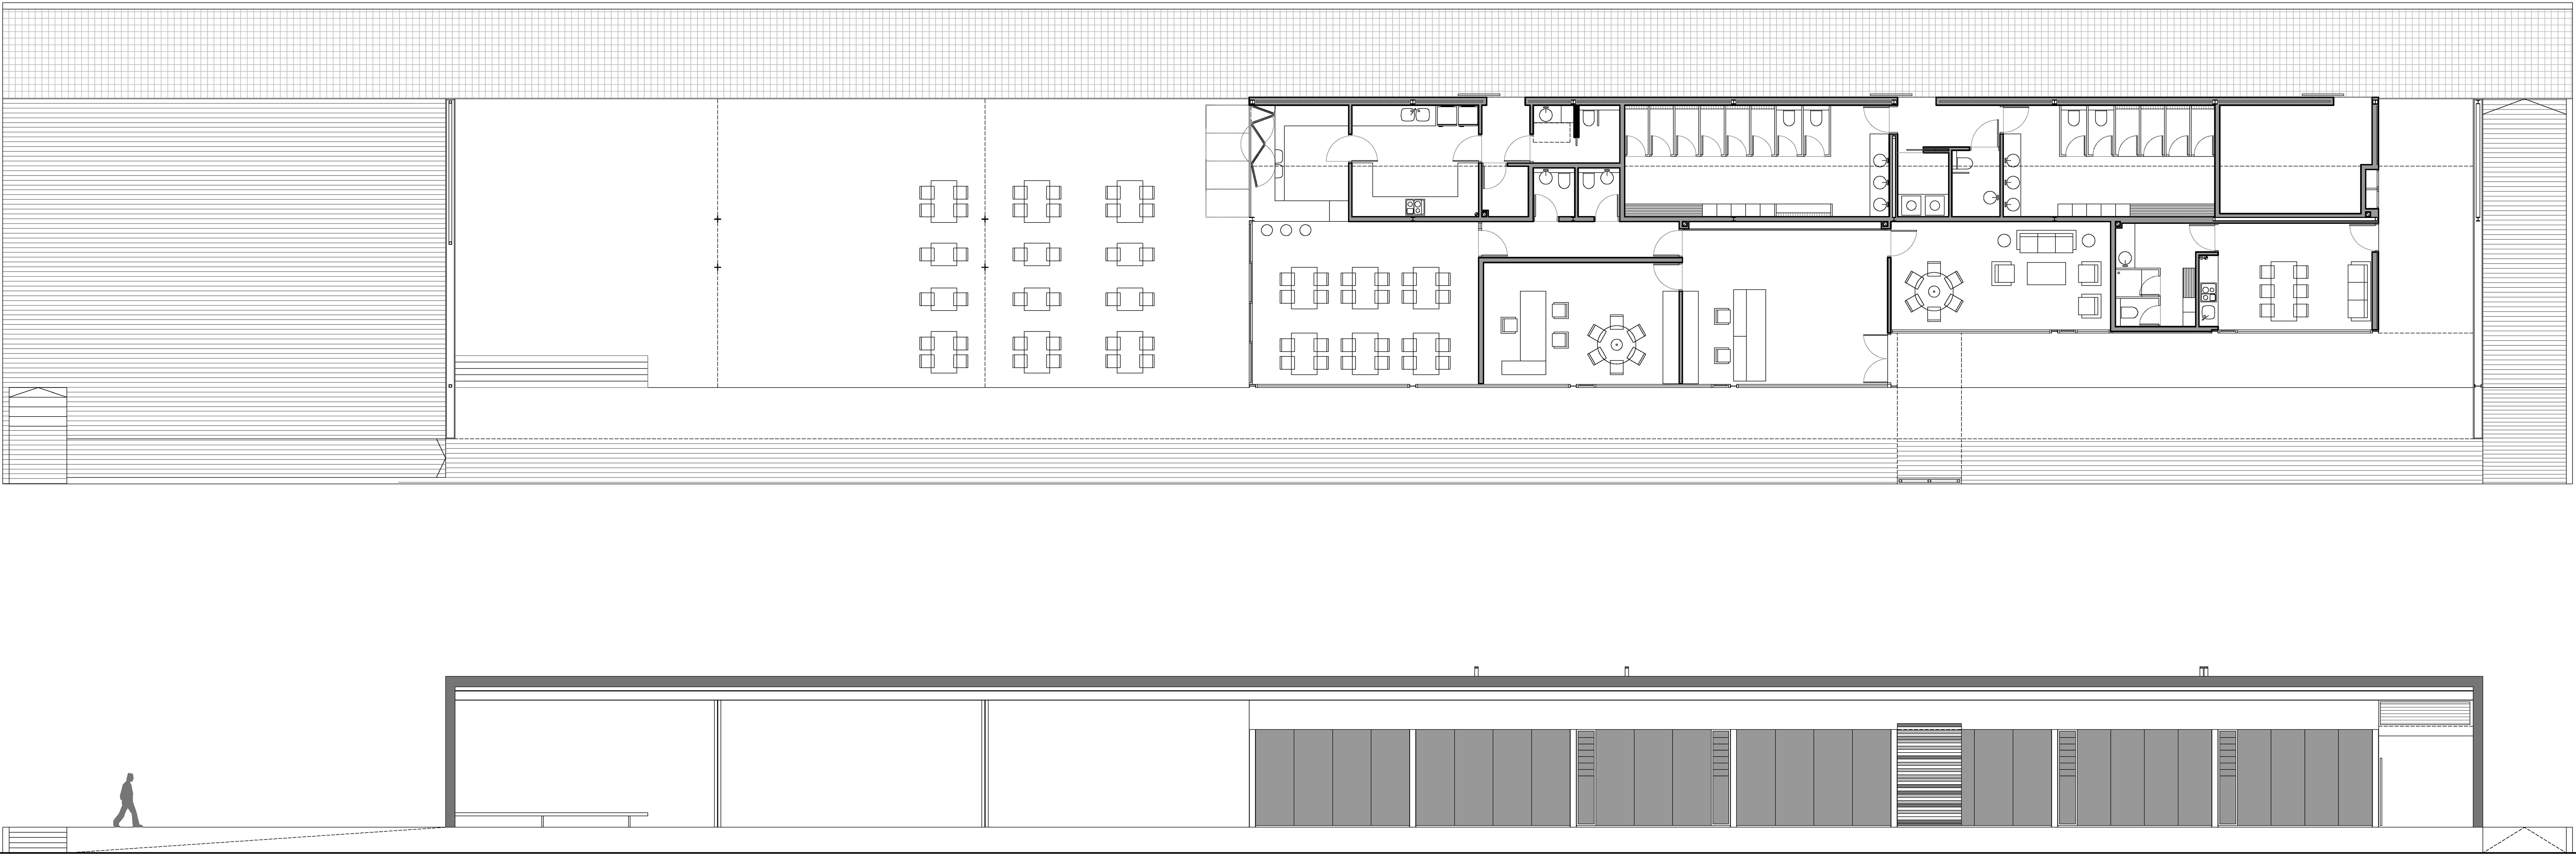 Edificio de servicio del Puerto de Dénia. Arquitectura Alicante. Proyectos de Arquitectura. Arquitectos Alicante.